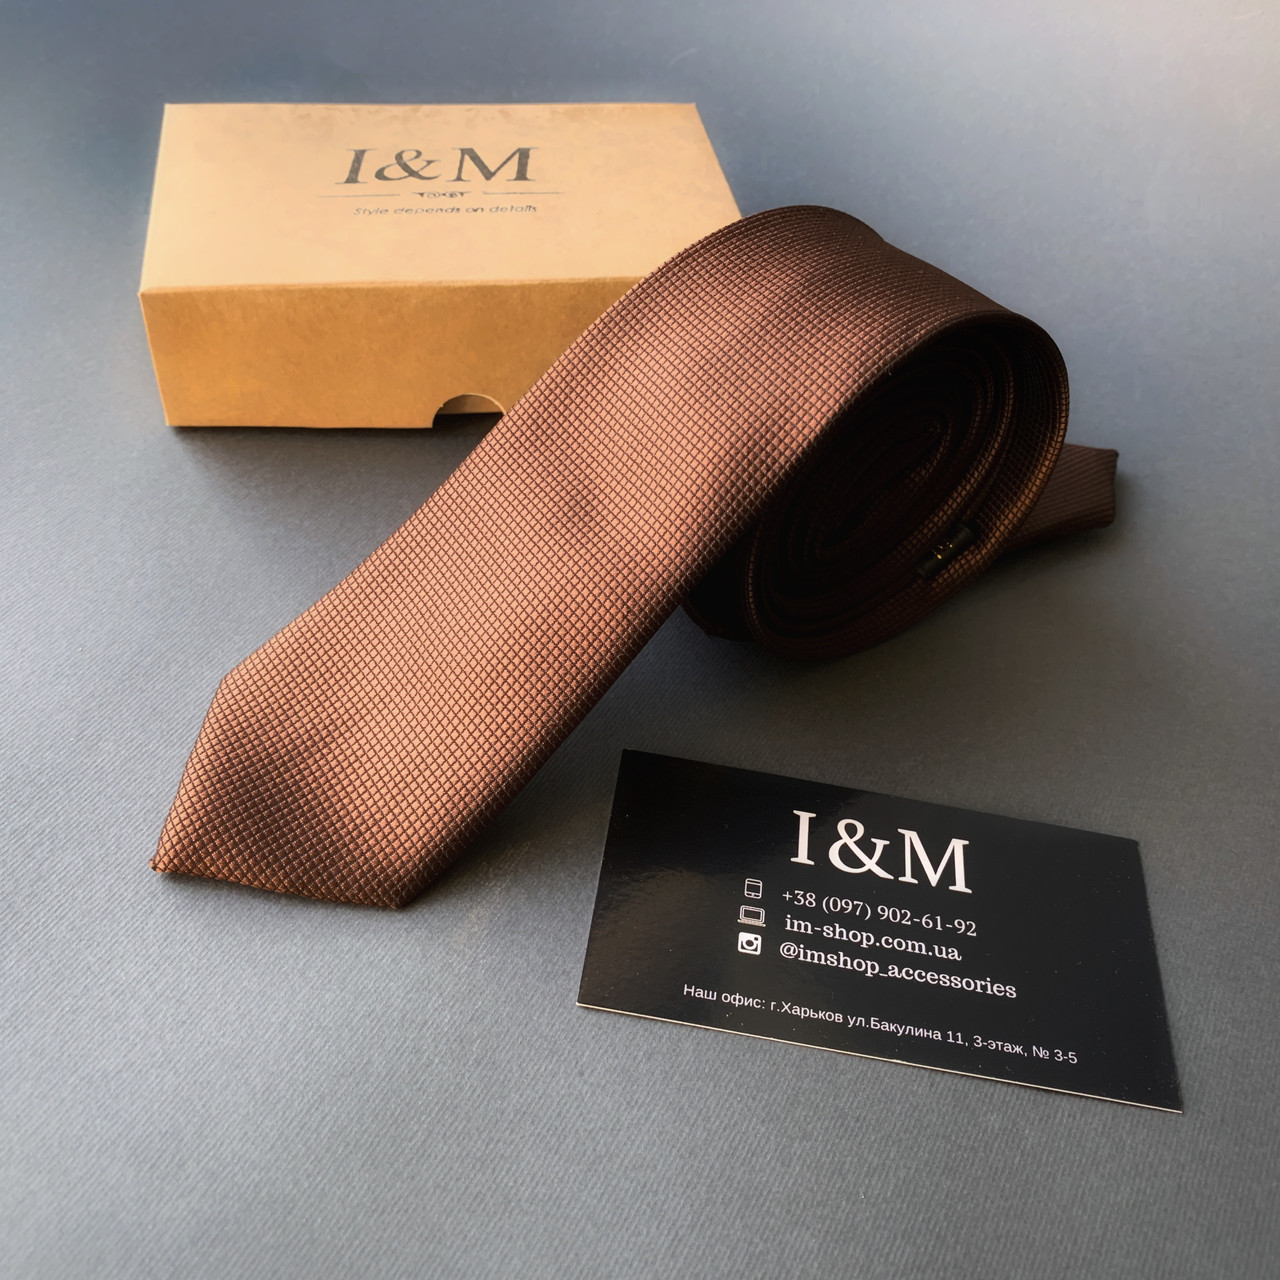 Галстук I&M Craft коричневый текстурный (020339)